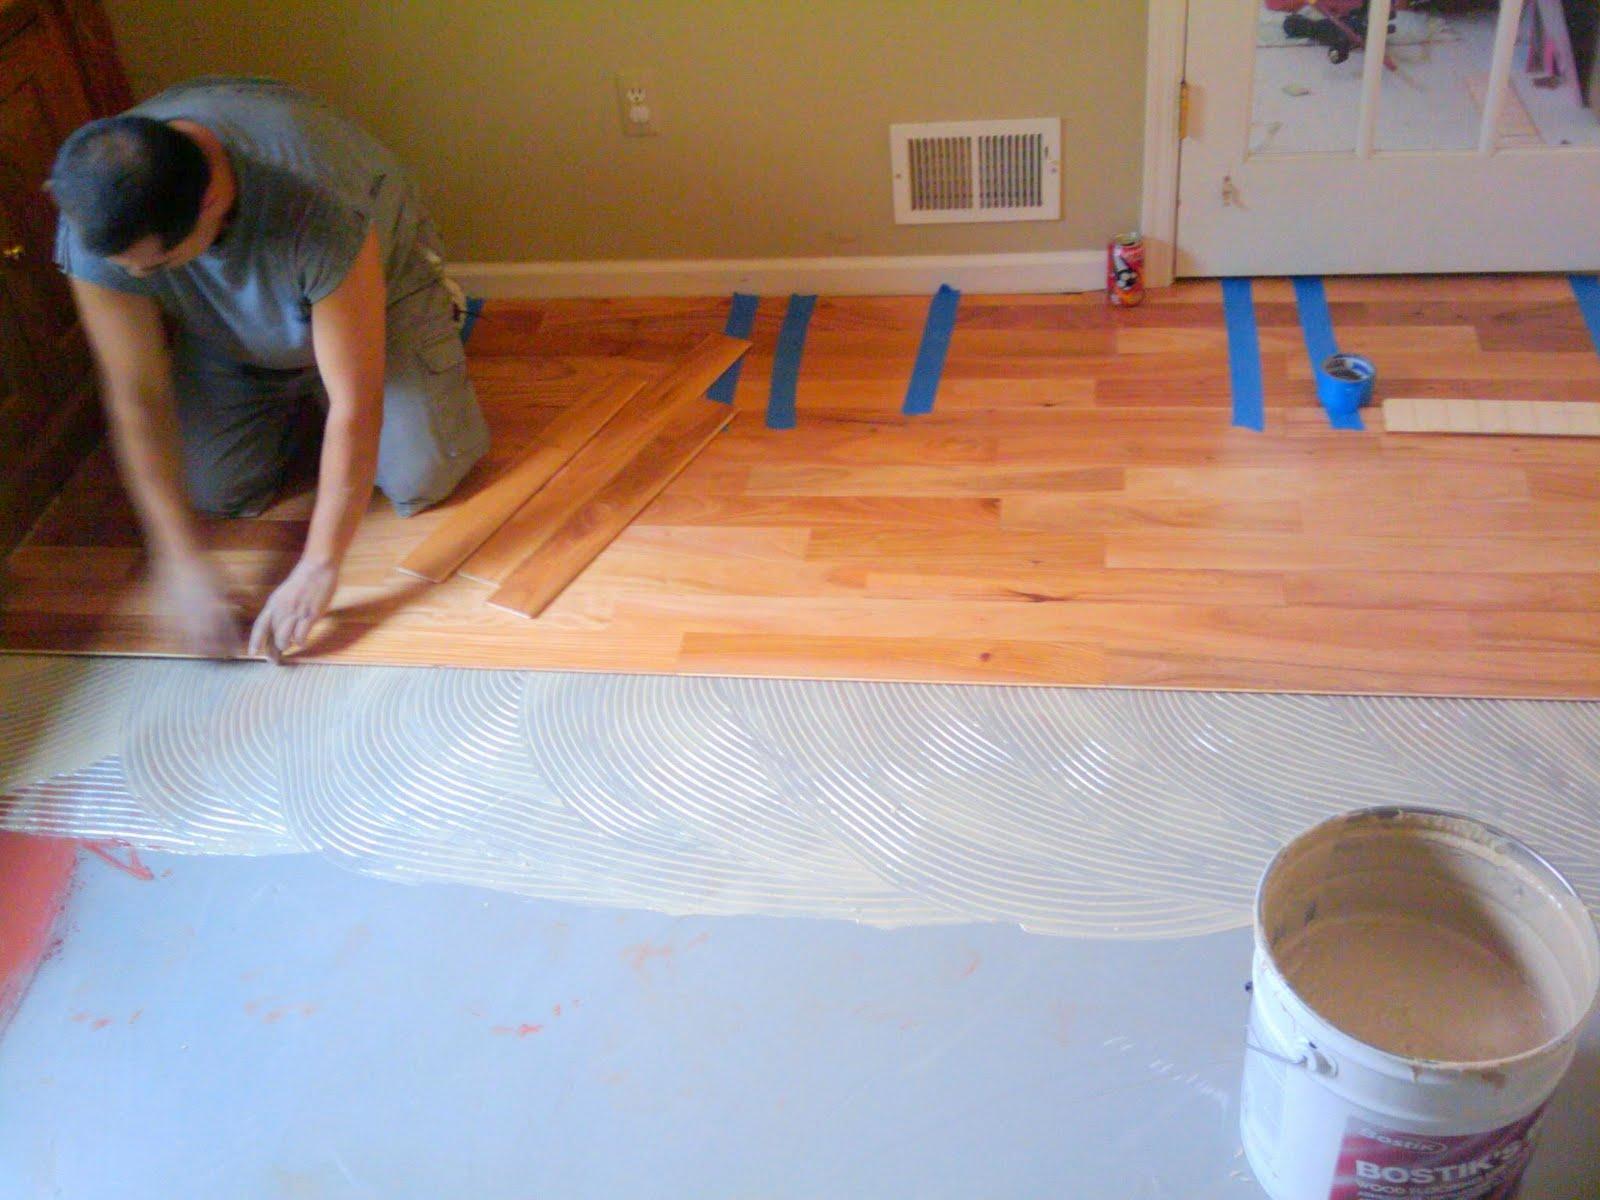 engineered floors glued down